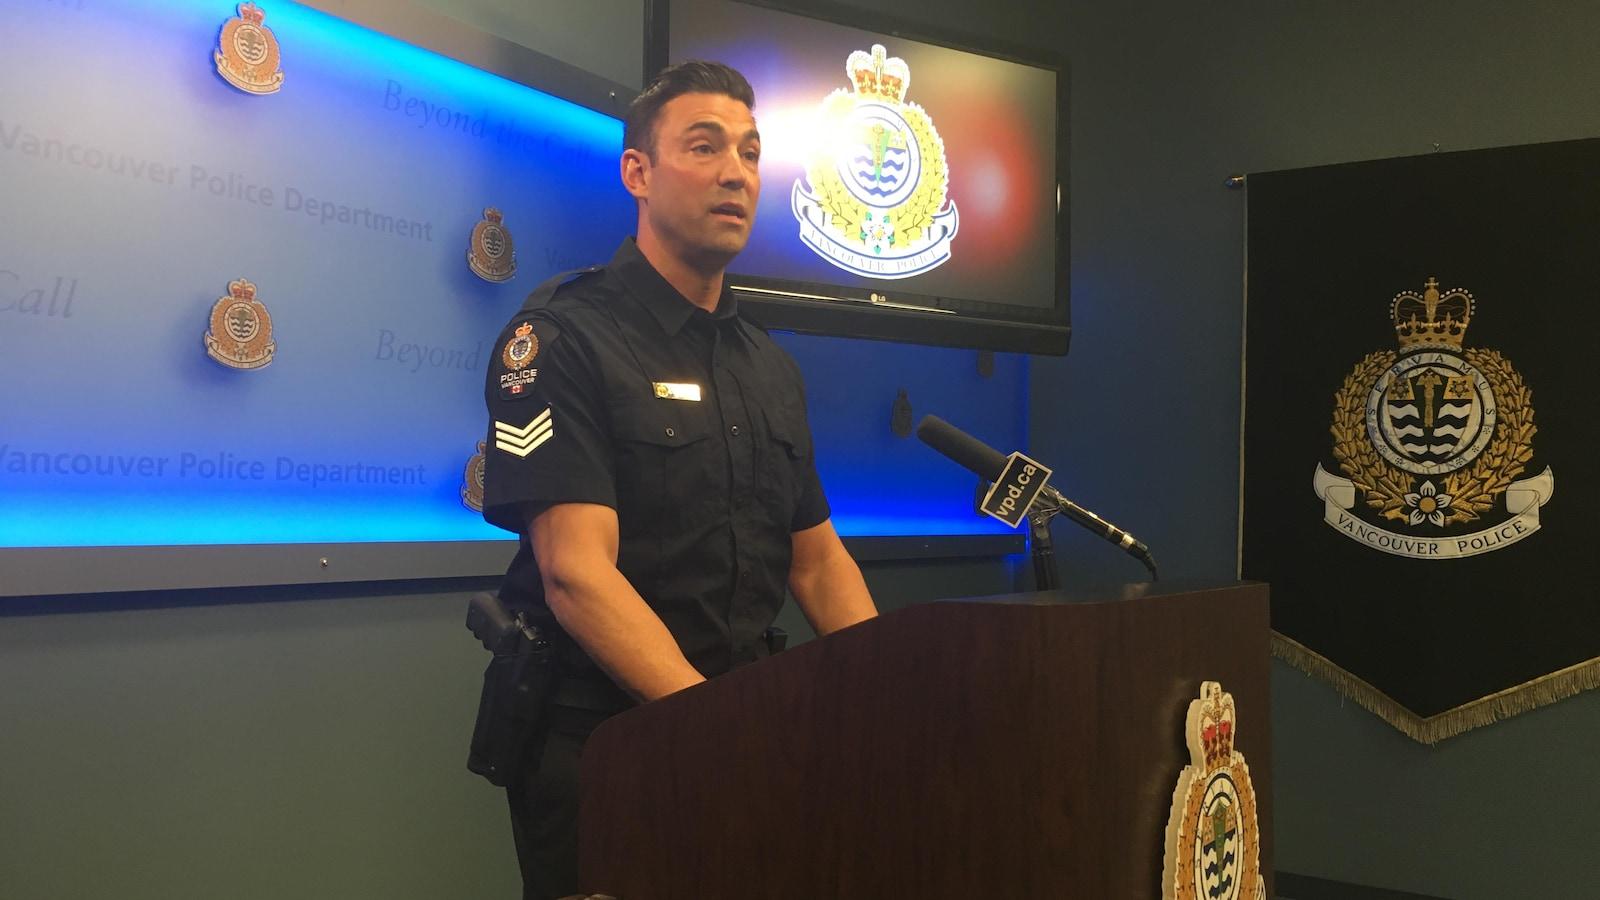 Le sergent Jason Robillard, de la police de Vancouver, parle au micro lors d'une conférence de presse.